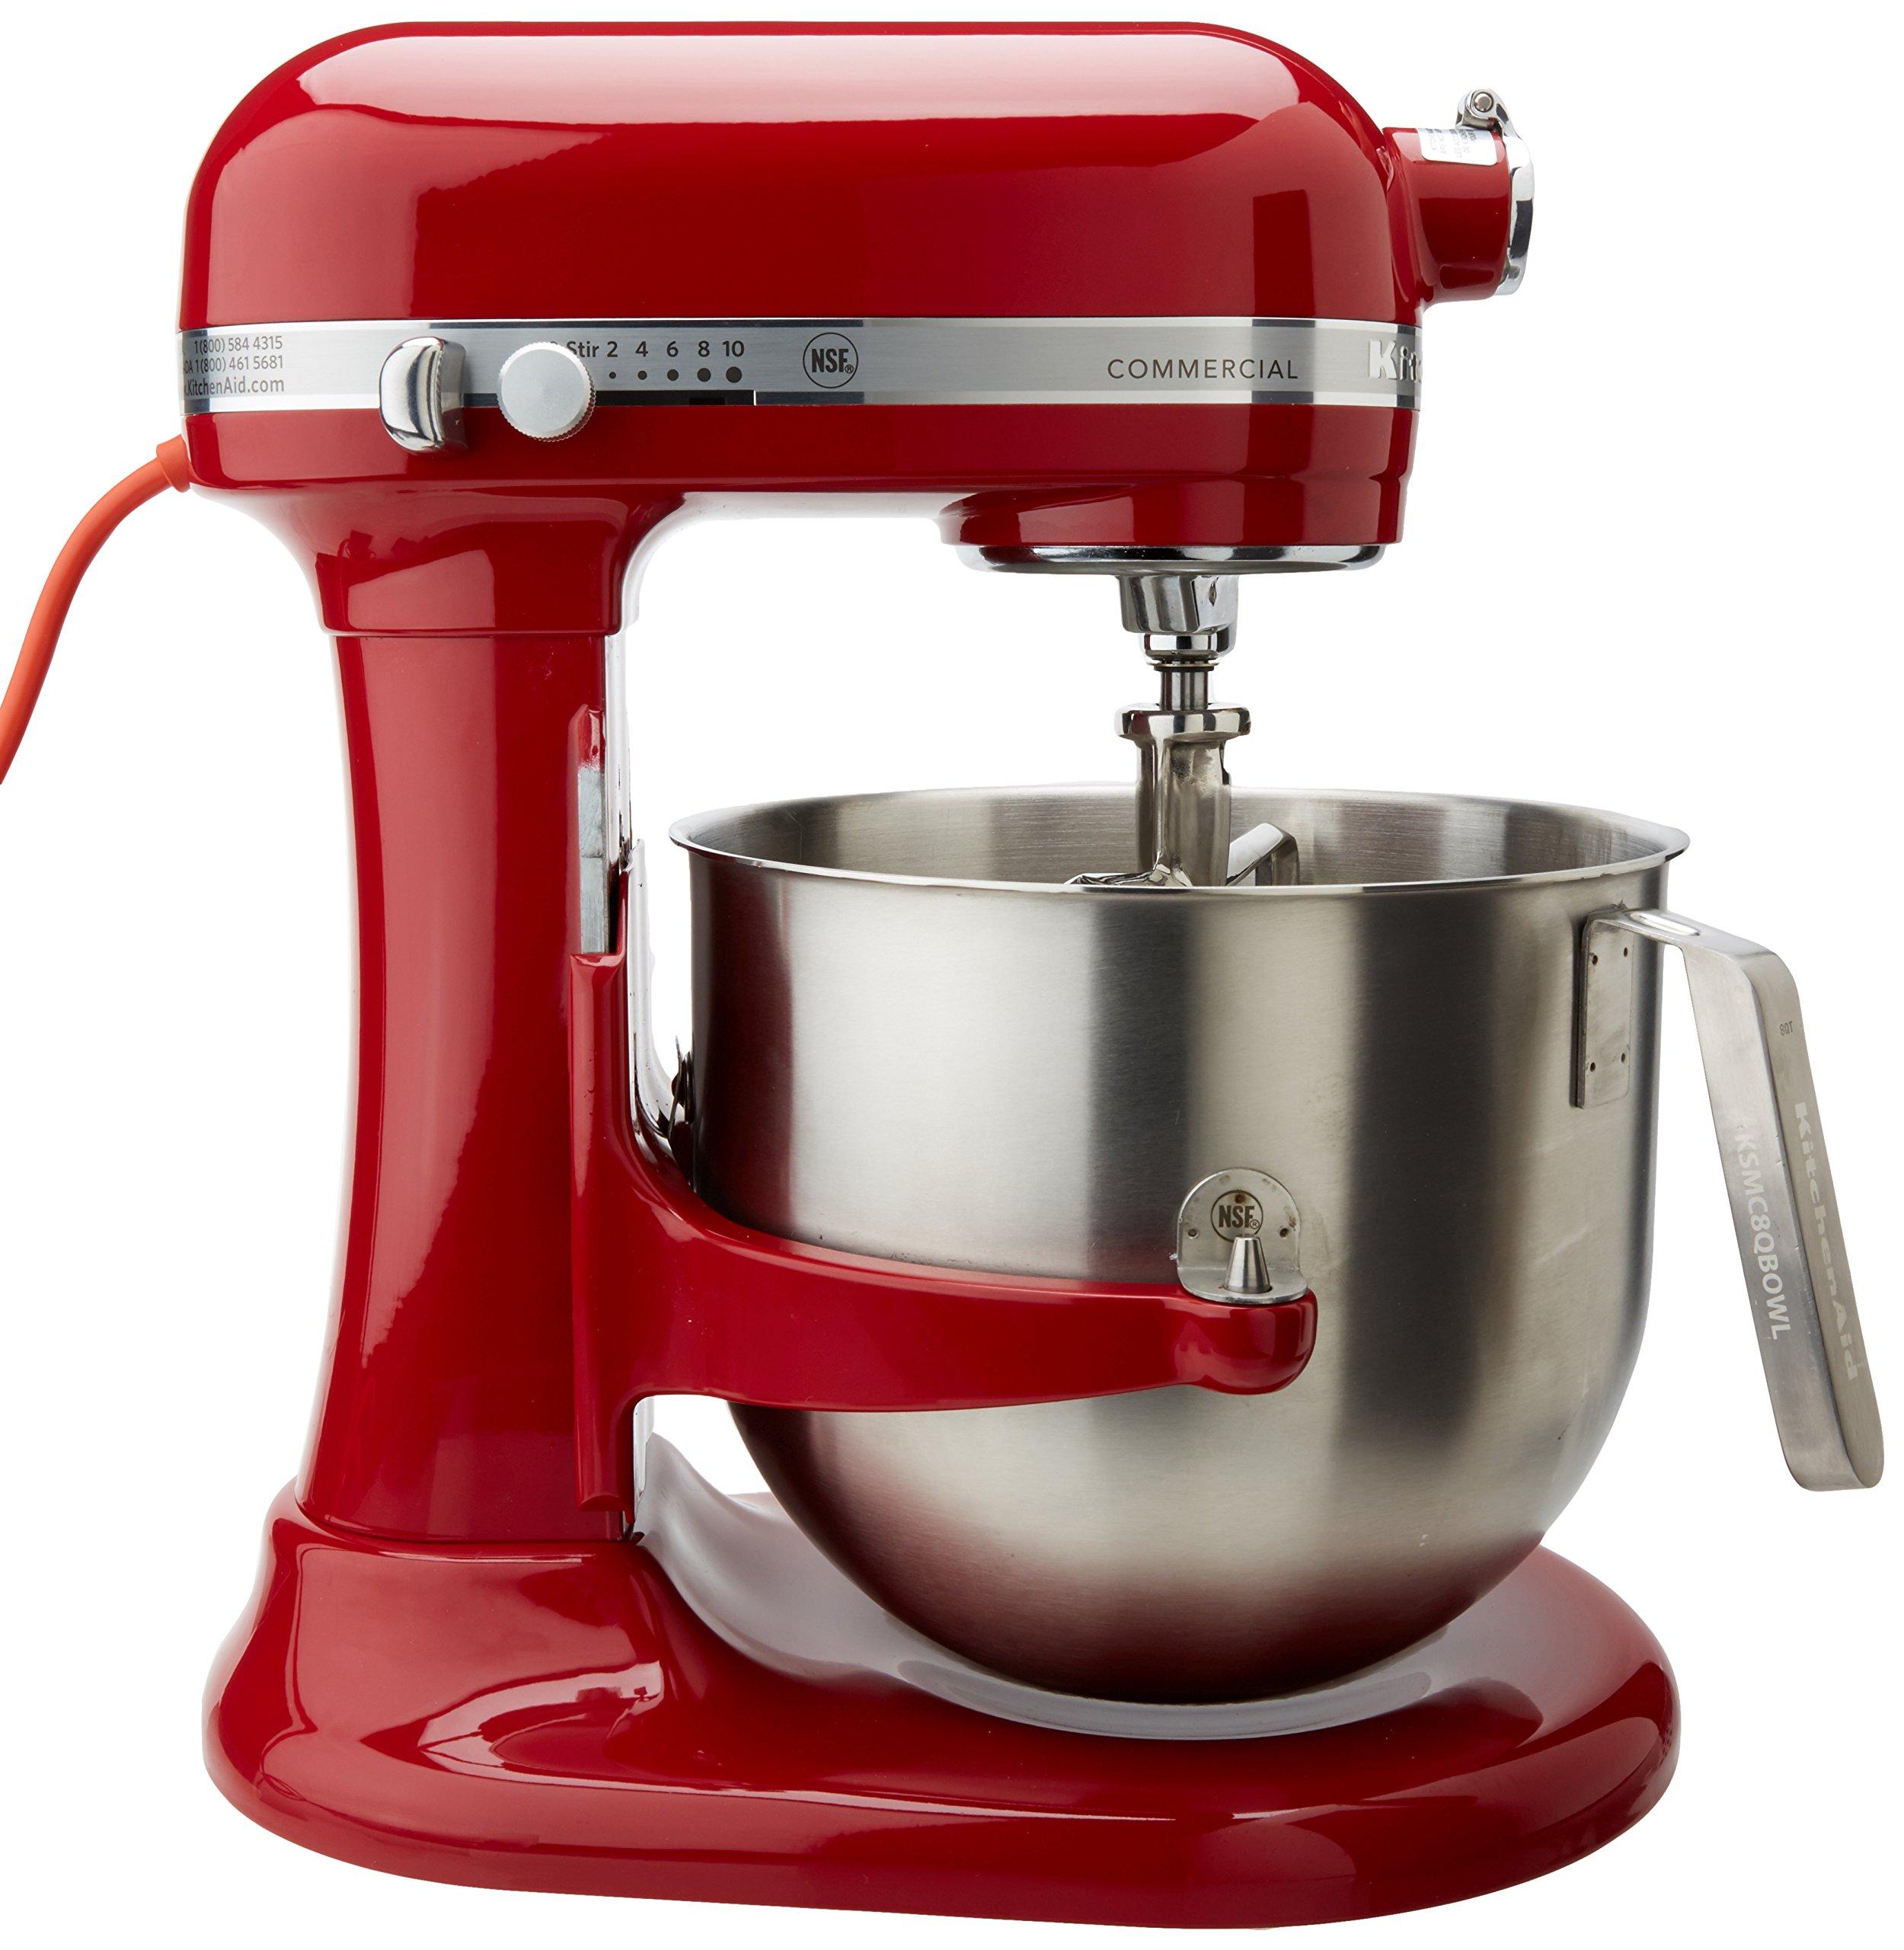 Galleon Kitchen Aid Ksm8990er Kitchenaid Ksm8990er 8 Qt Commercial Bowl Lift Stand Mixer